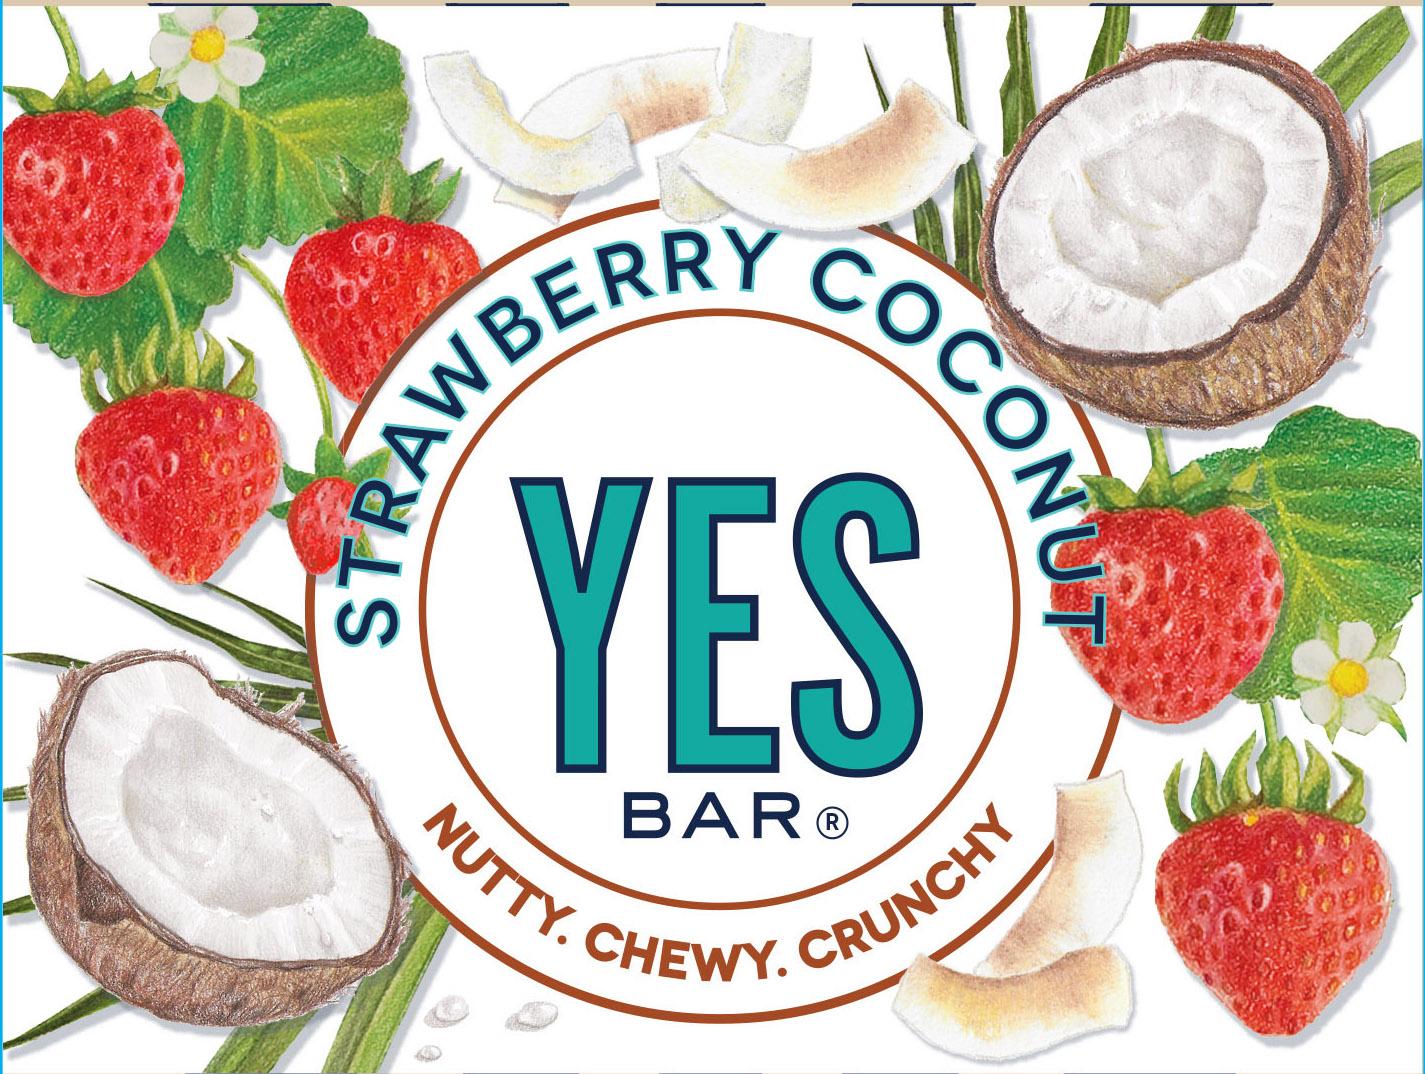 Intermediate version for Strawberry Coconut